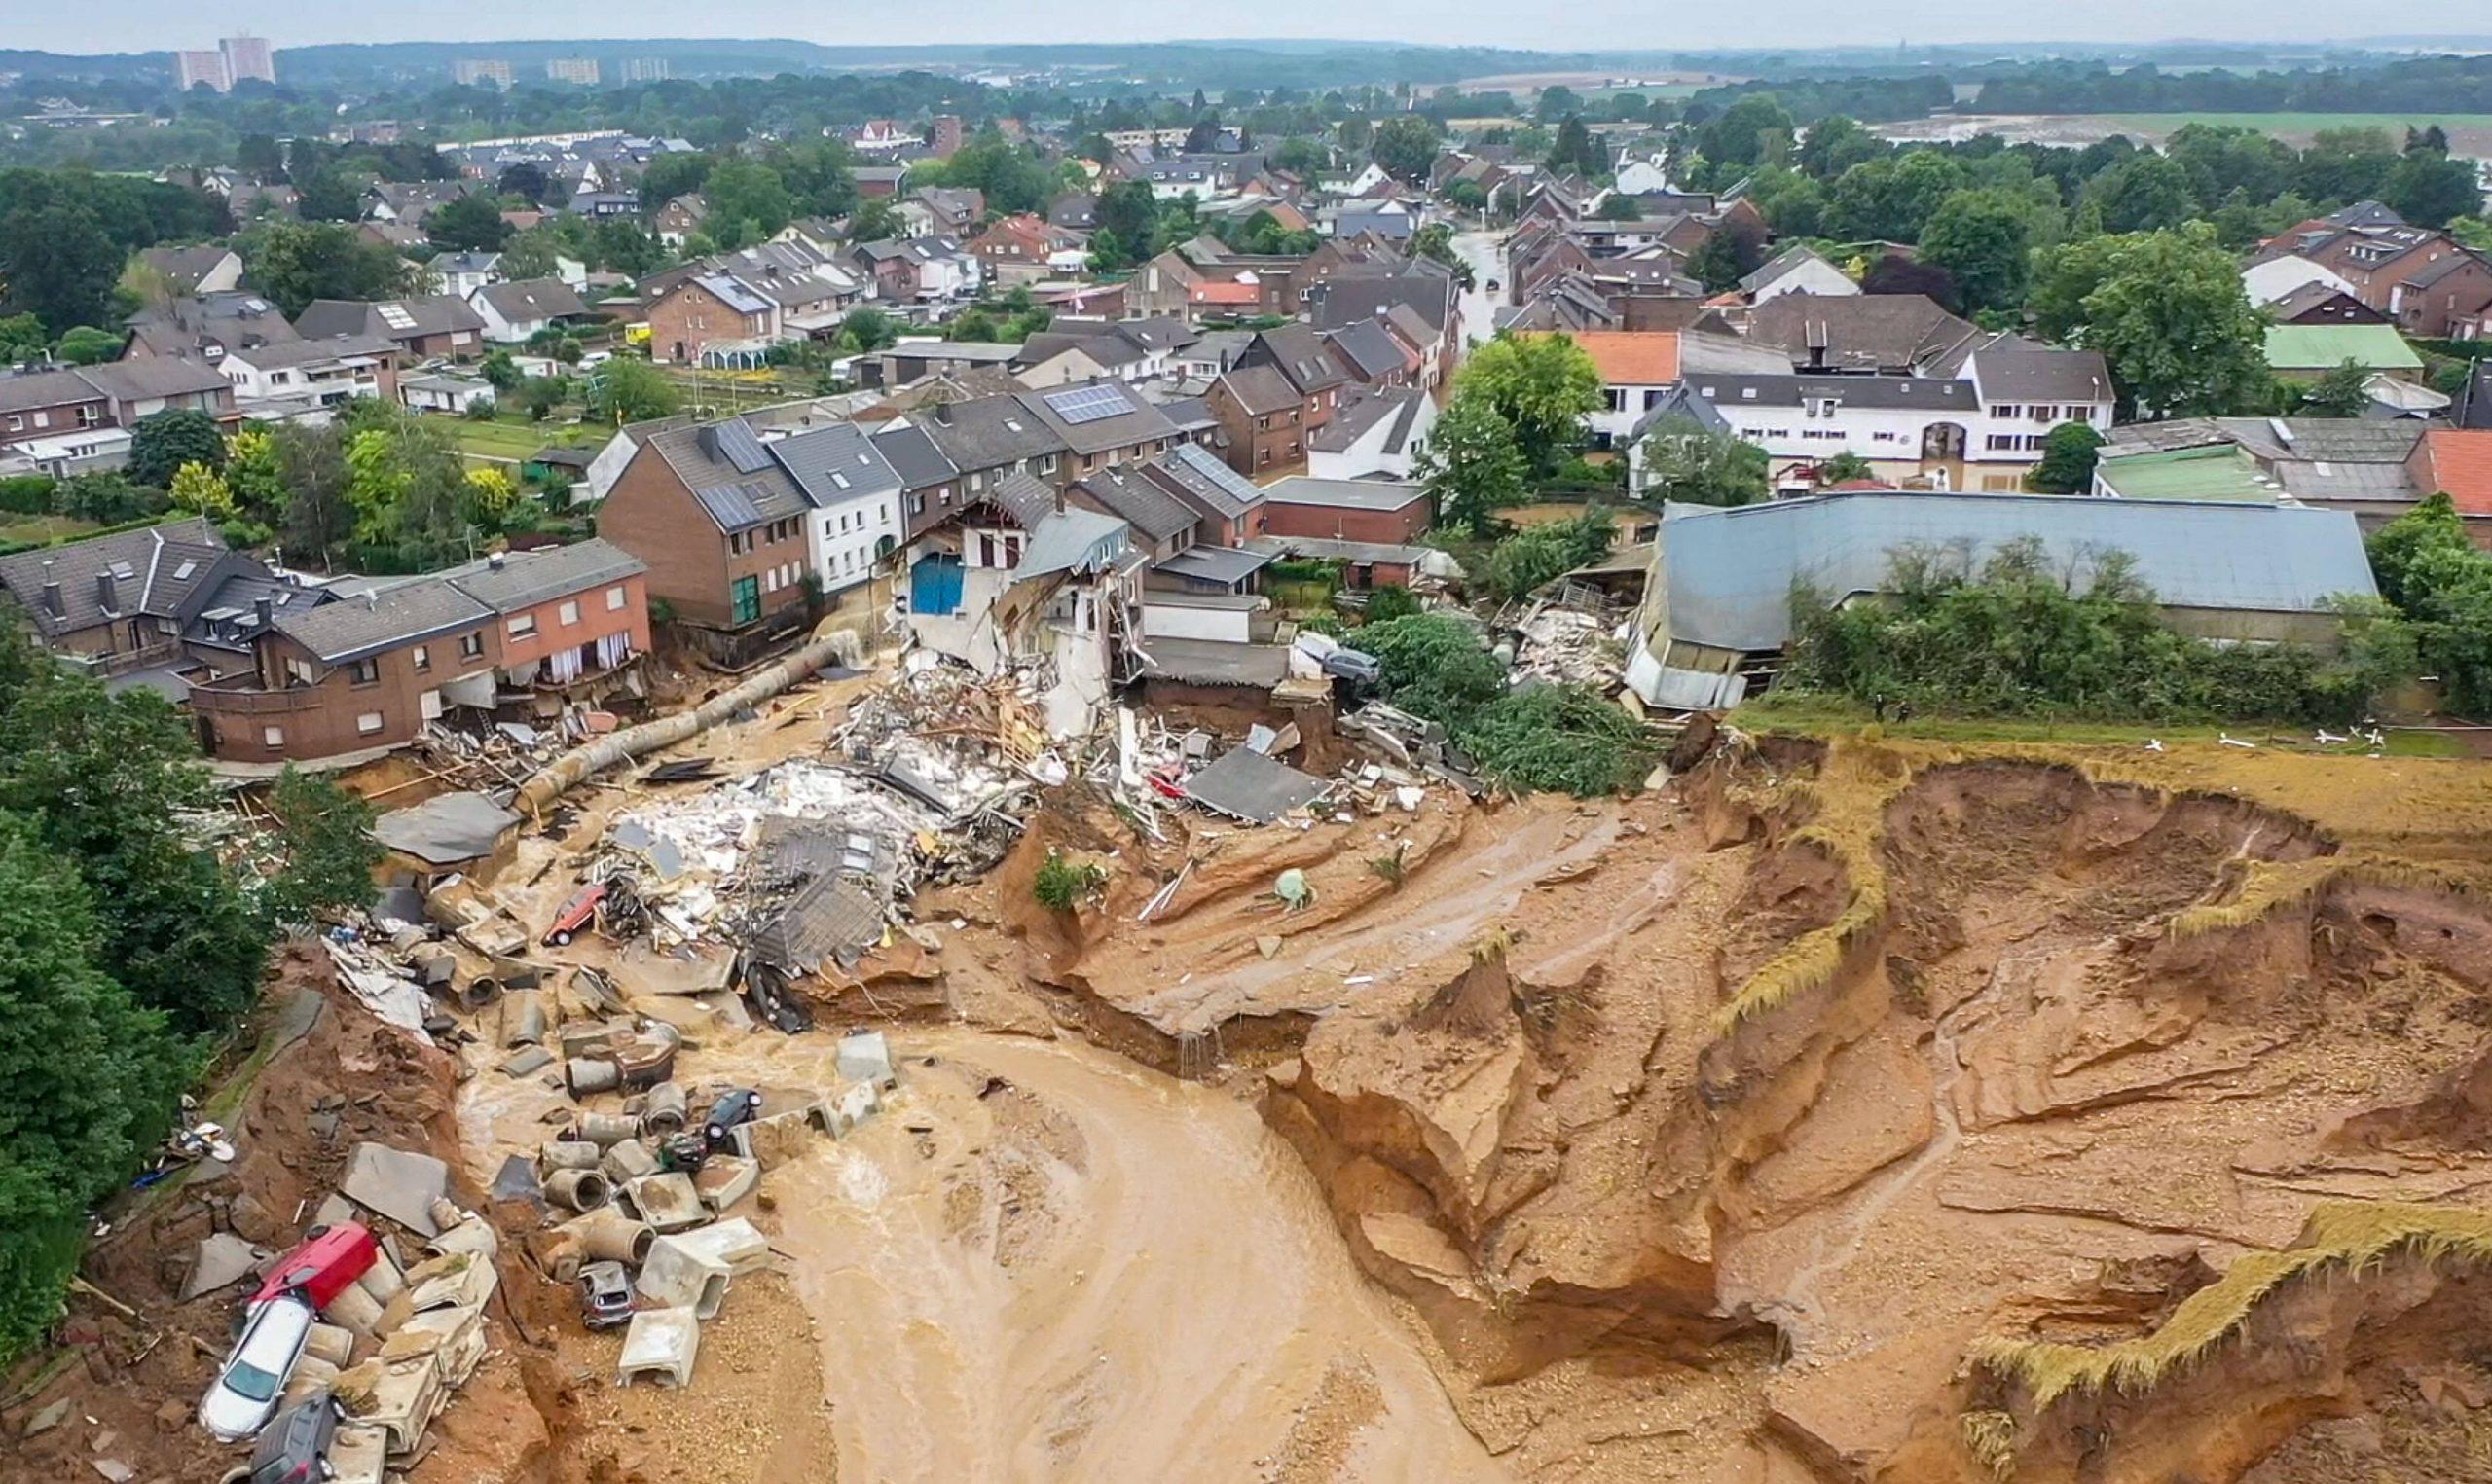 Die Flut hat einen massiven Erdrutsch im Stadtteil Blessem in Erftstadt verursacht.